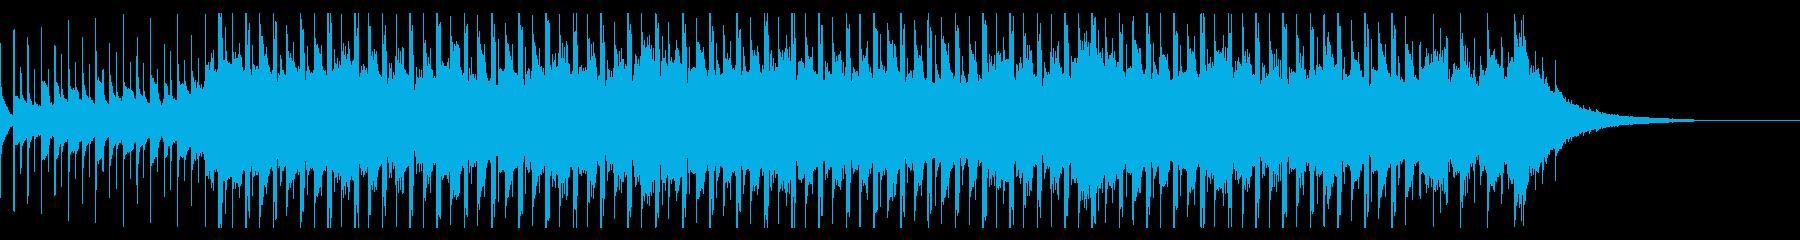 戦略(30秒)の再生済みの波形